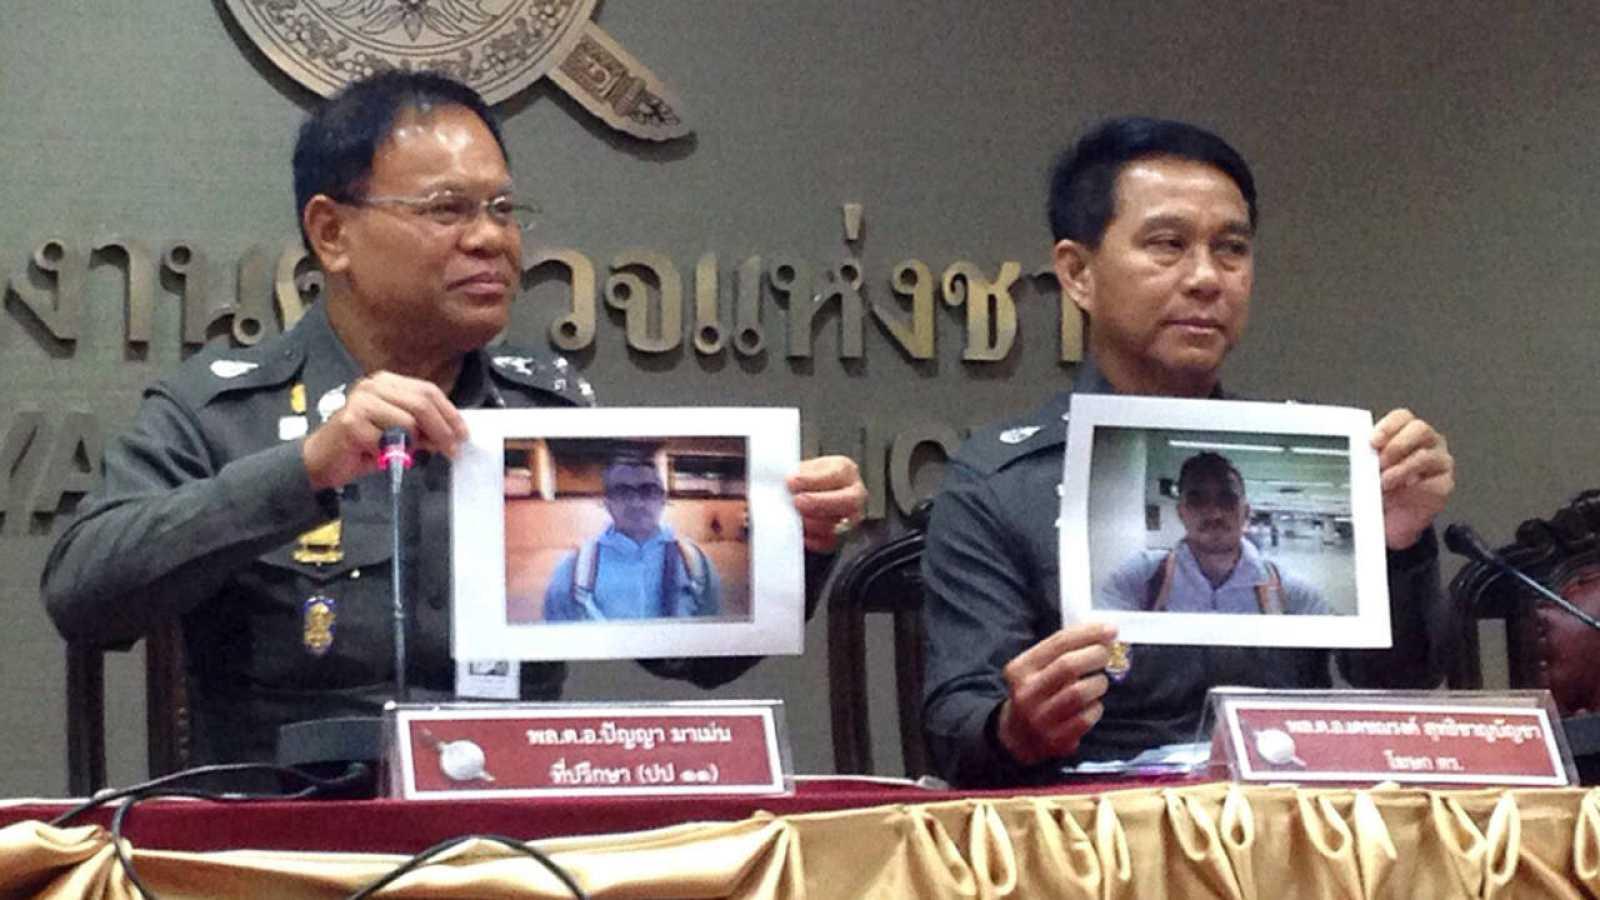 Los responsables de la investigación muestran dos imágenes de los sospechosos del asesinato de David Bernat, entre los que está Artur Segarra